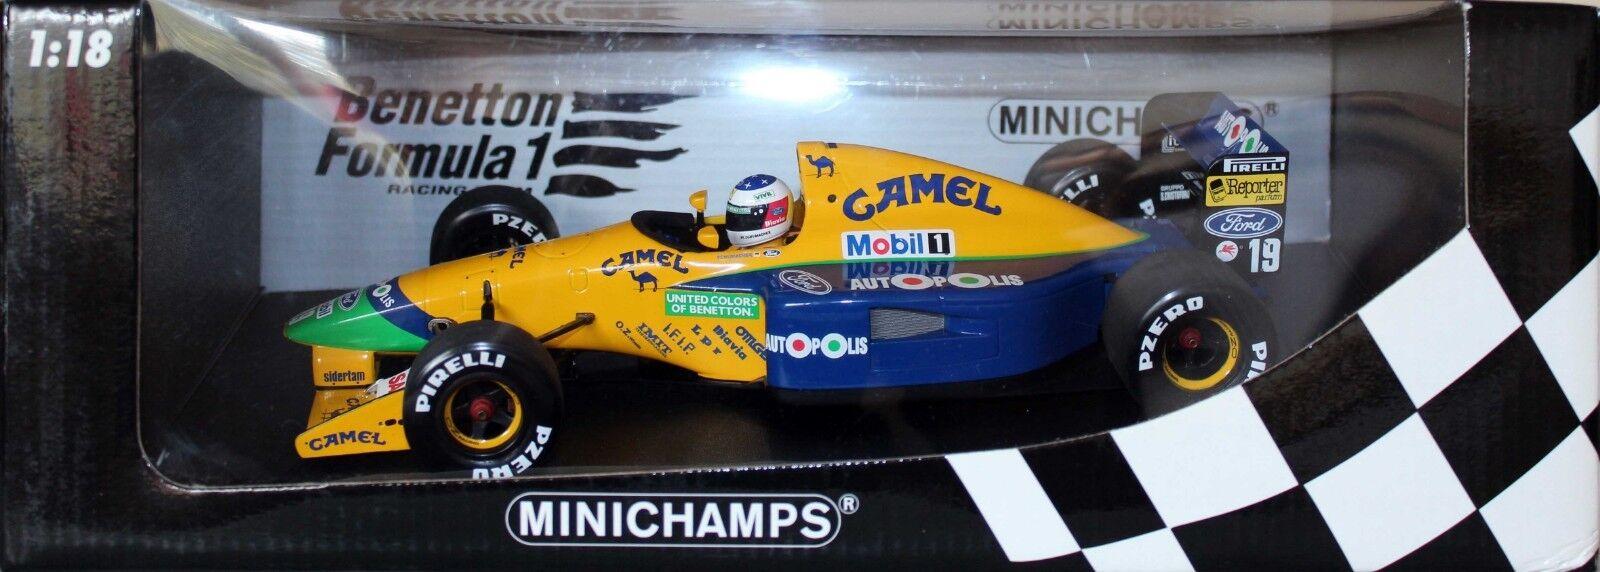 Minichamps 1:18 Benetton Ford B191 M. Schumacher Completo Camel librea 100 910119